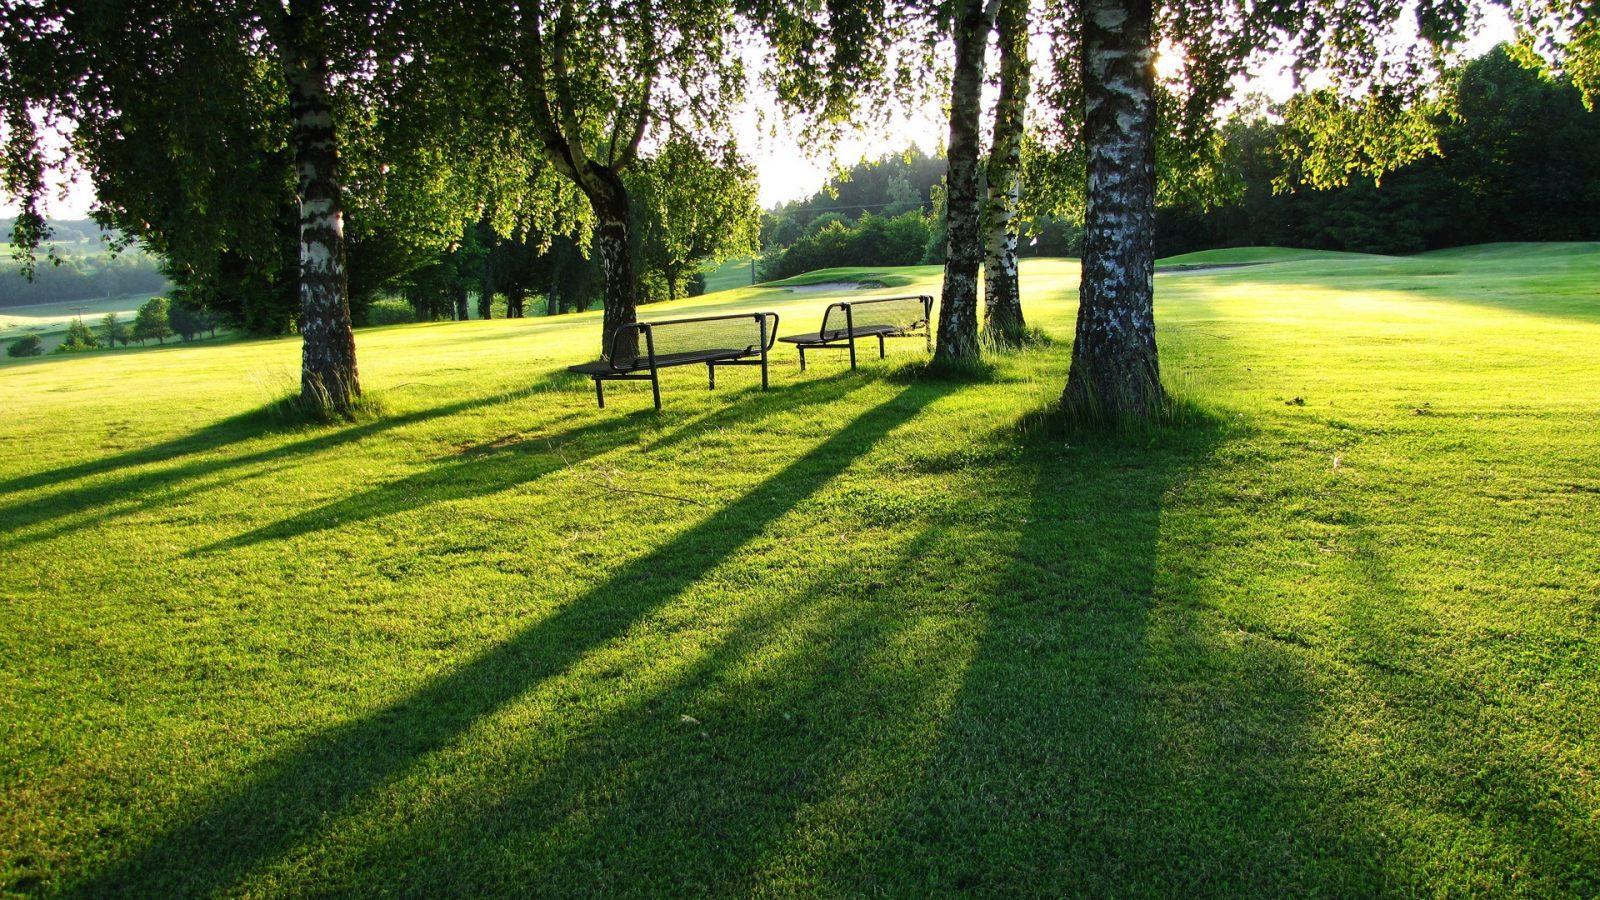 Las ciudades m s limpias del mundo en fotos for Para desarrollar un parque ajardinado